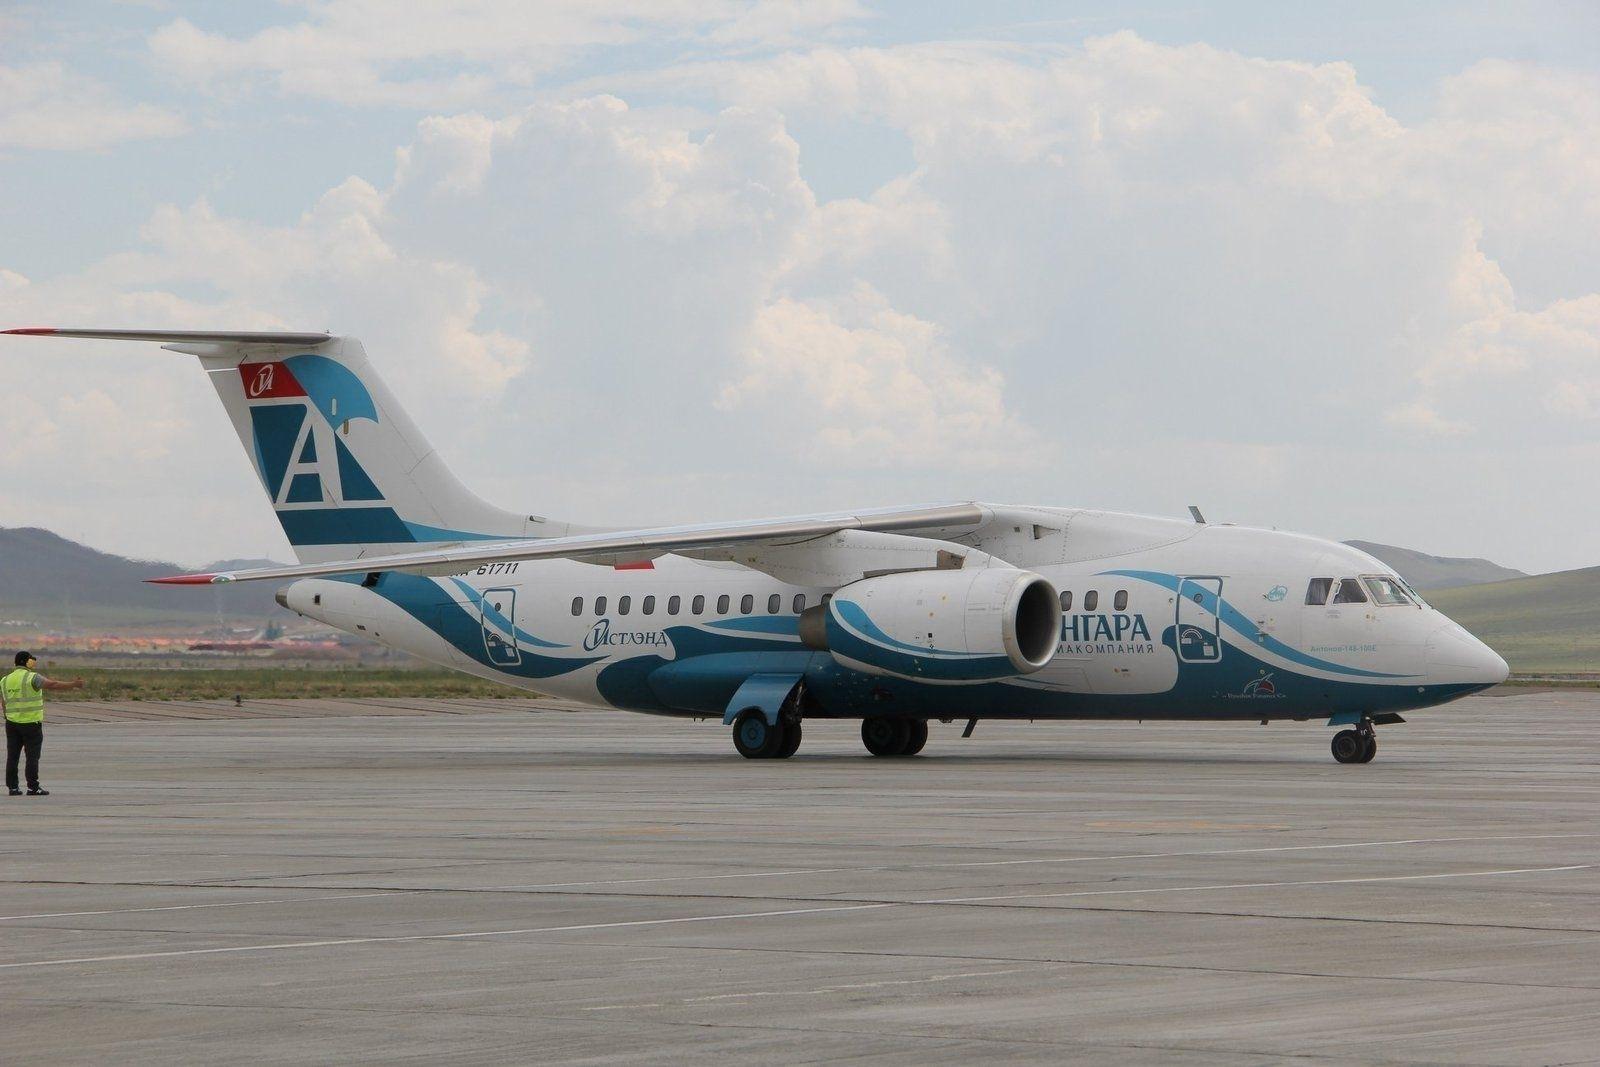 """Ангара"""" авиакомпани Эрхүү-Улаанбаатар чиглэлд анхны нислэгээ үйлдлээ"""